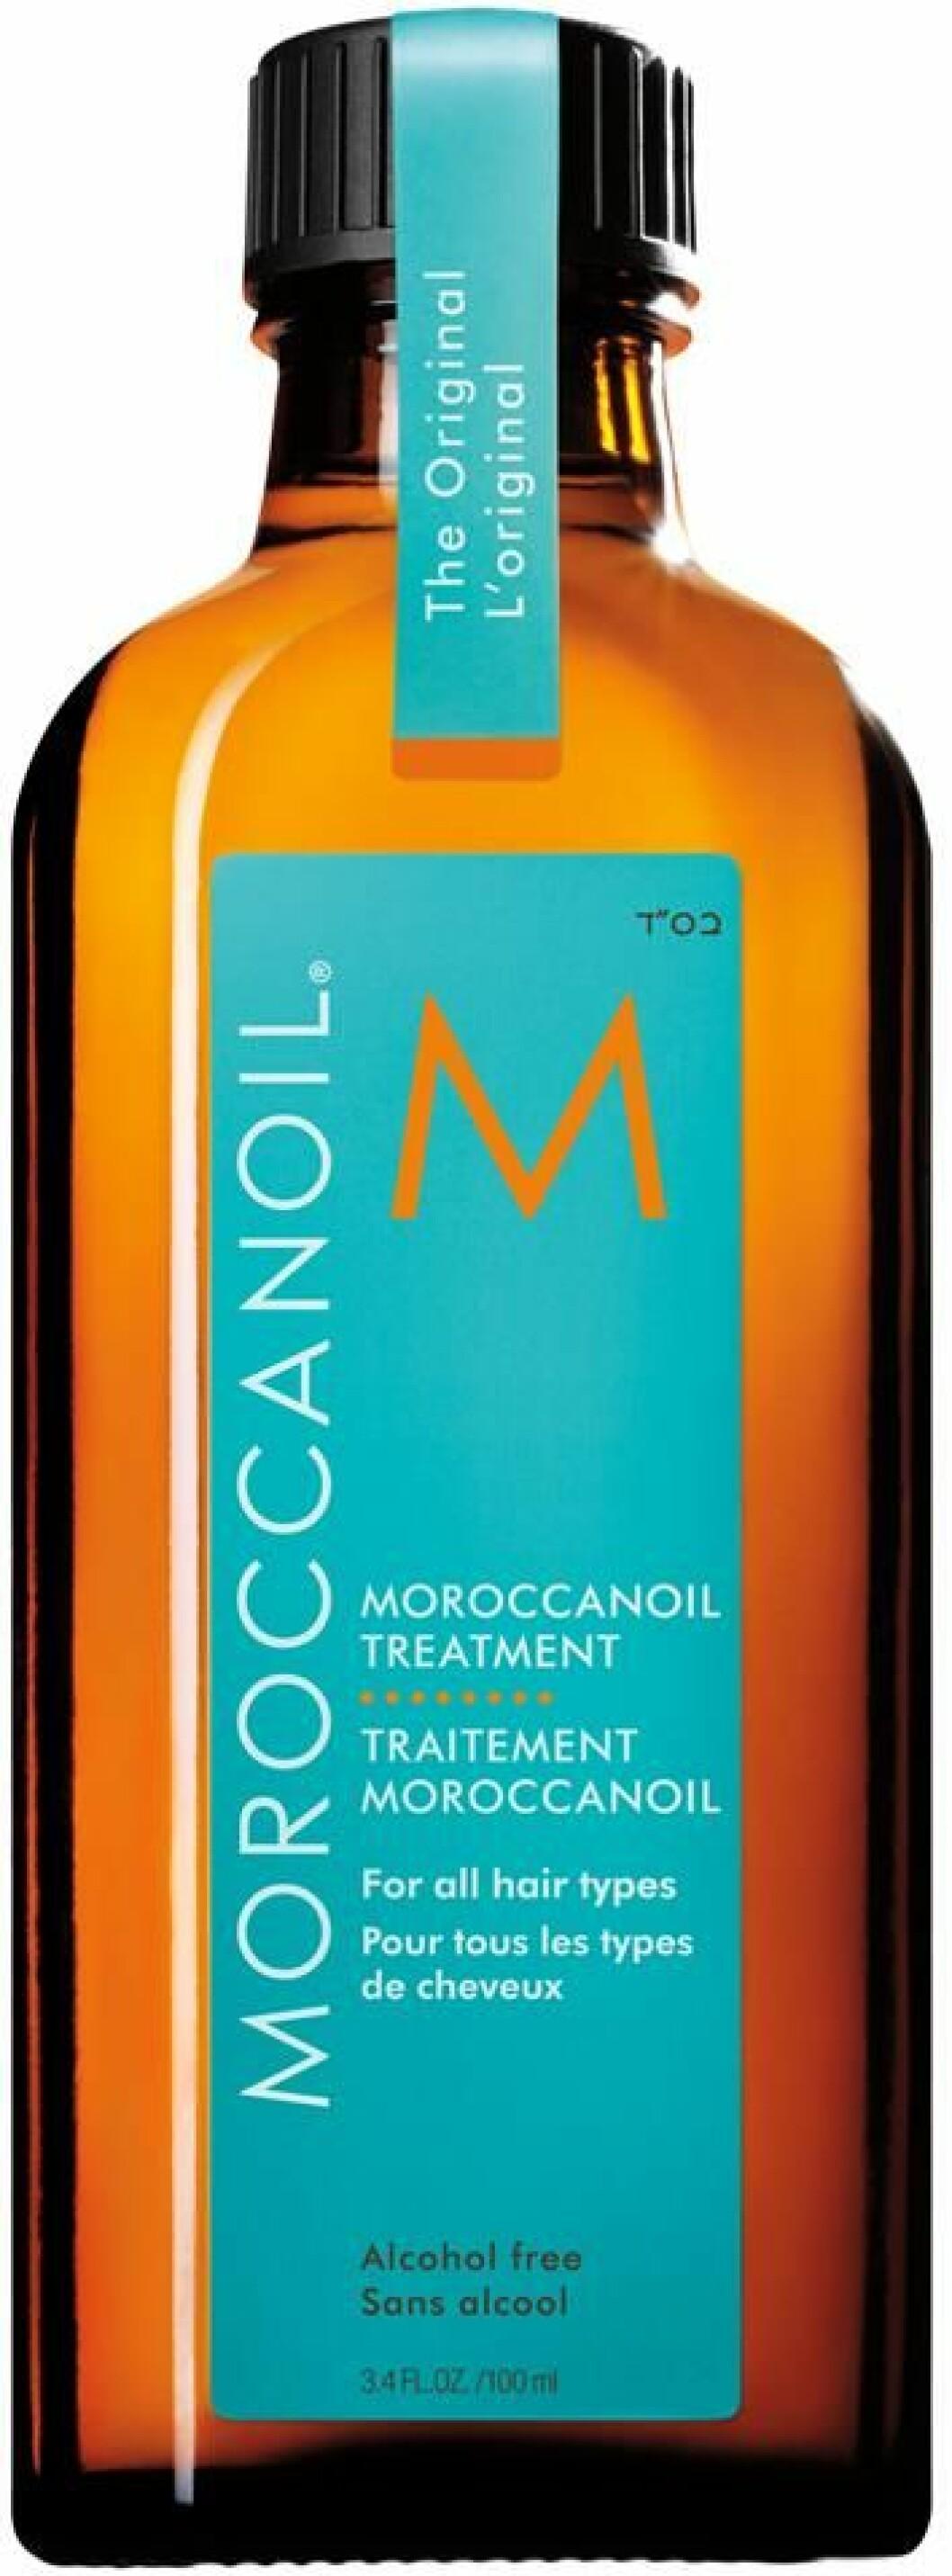 Moroccan oil, Original treatment.